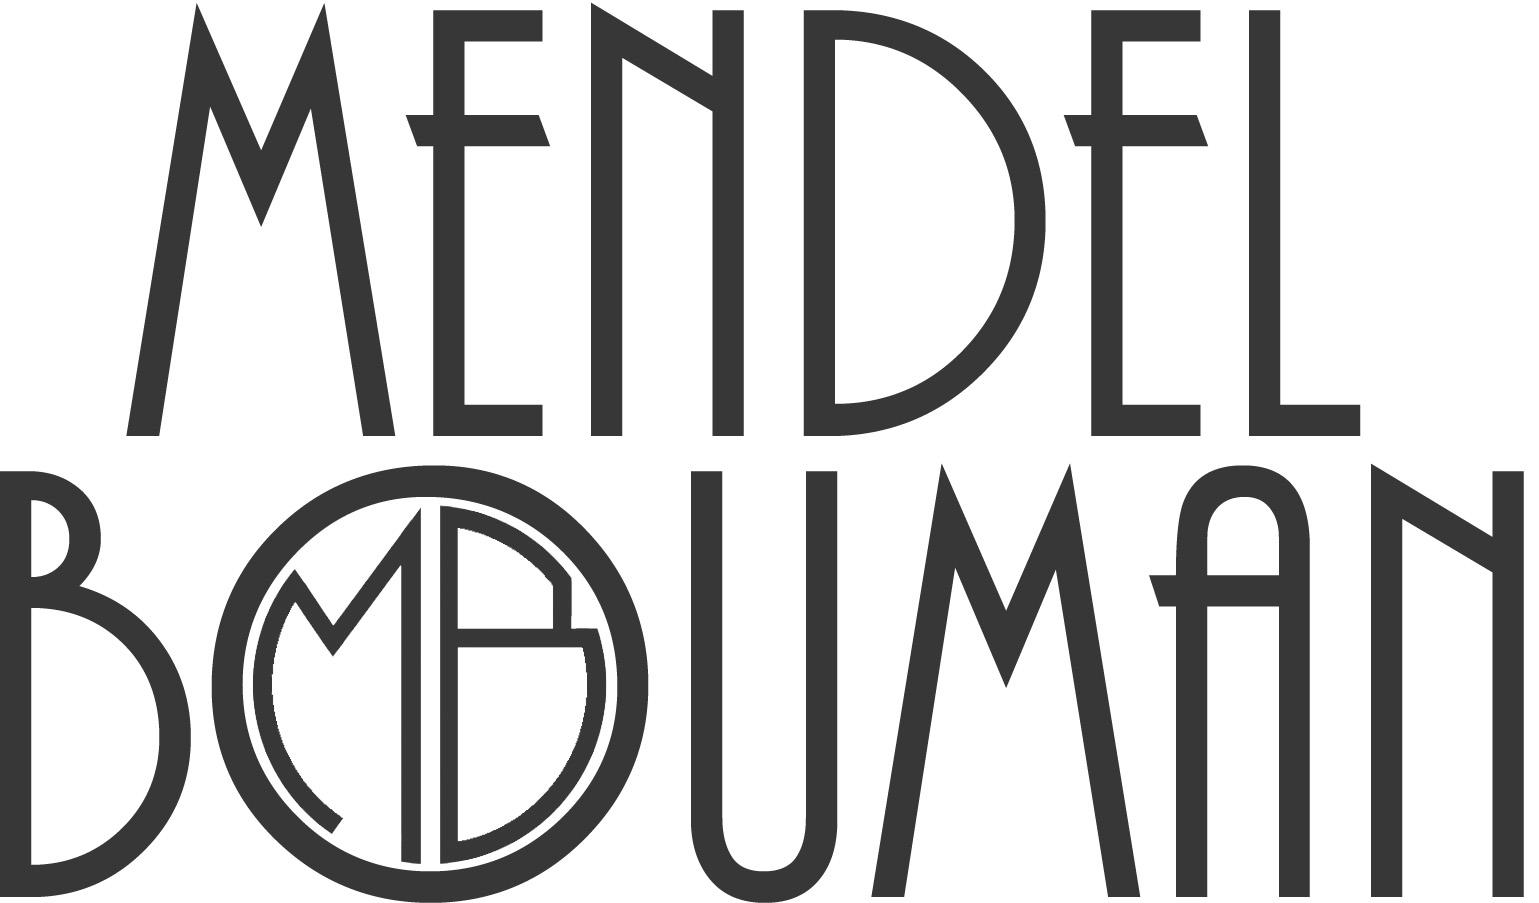 Mendel Bouman